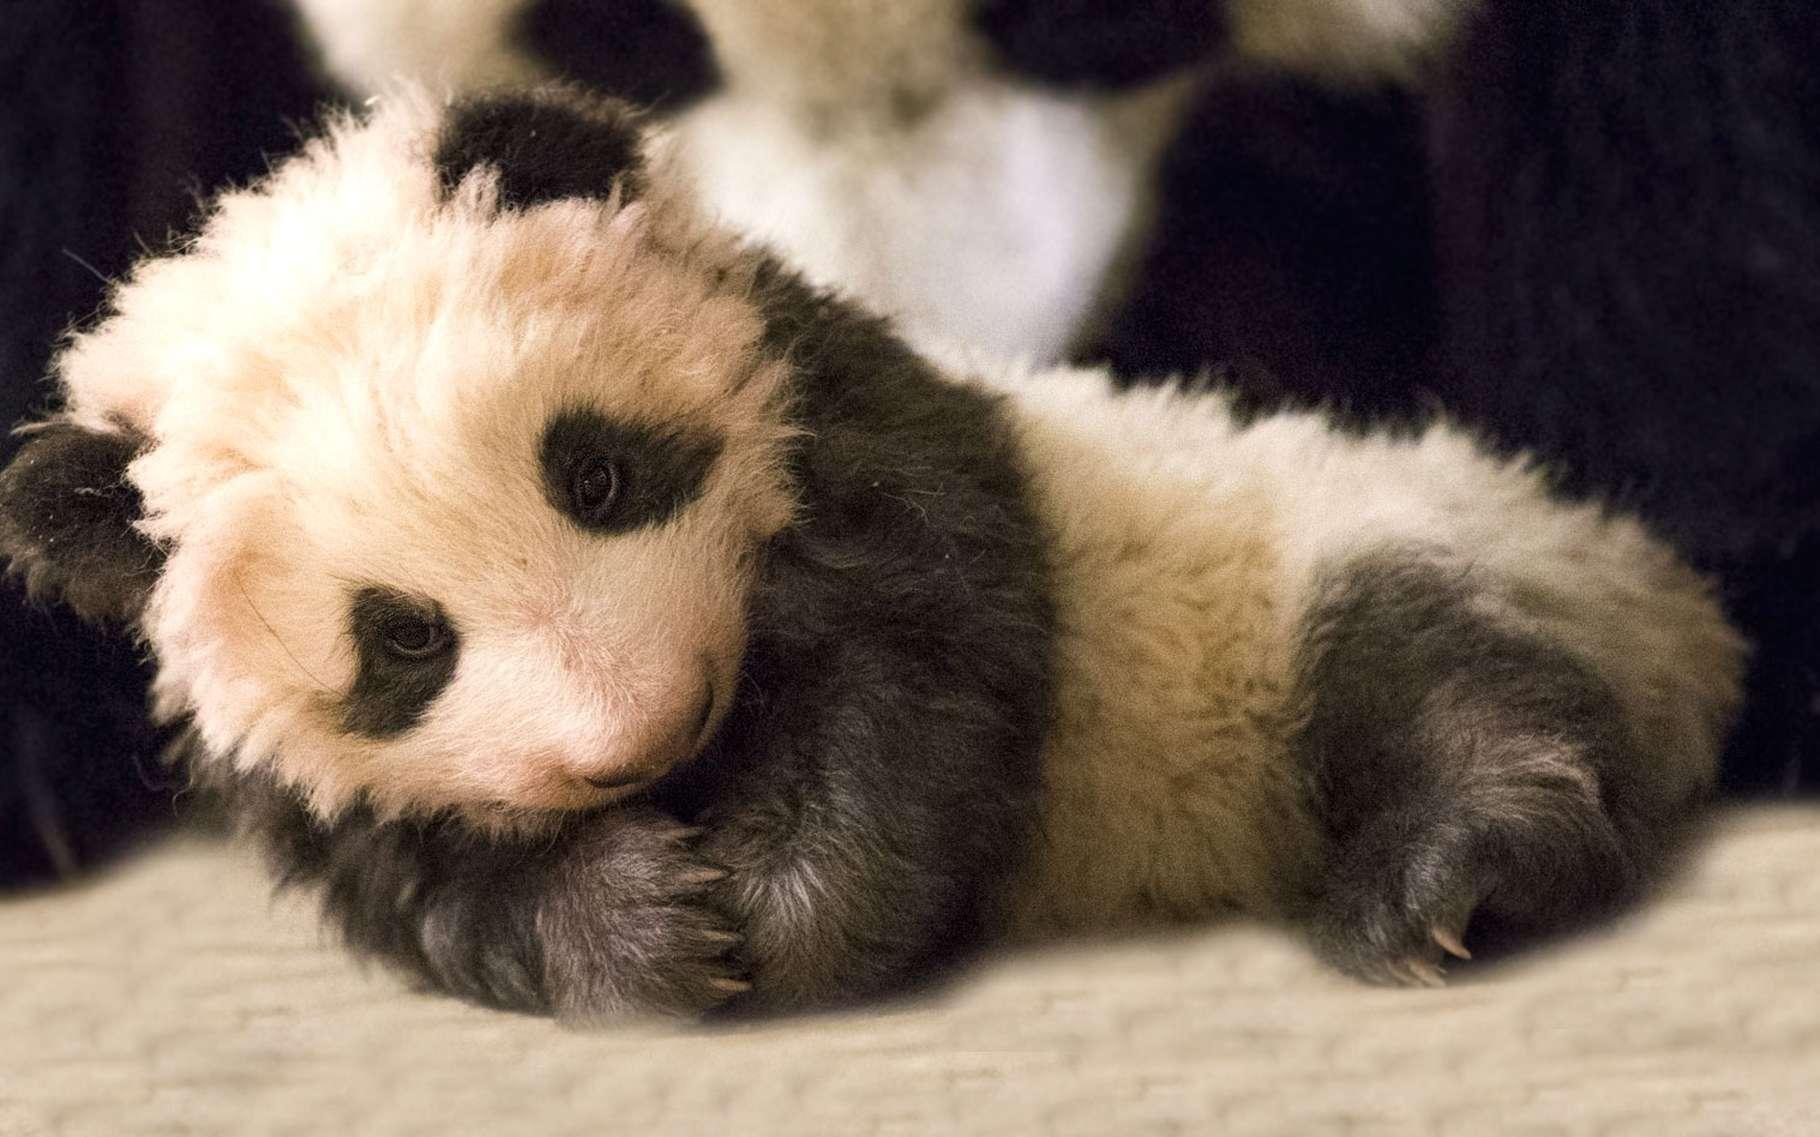 Les pandas géants sont en danger d'extinction dans la nature du fait de la régression de leur habitat exclusif, les forêts de bambou. © dangdumrong, Istock.com